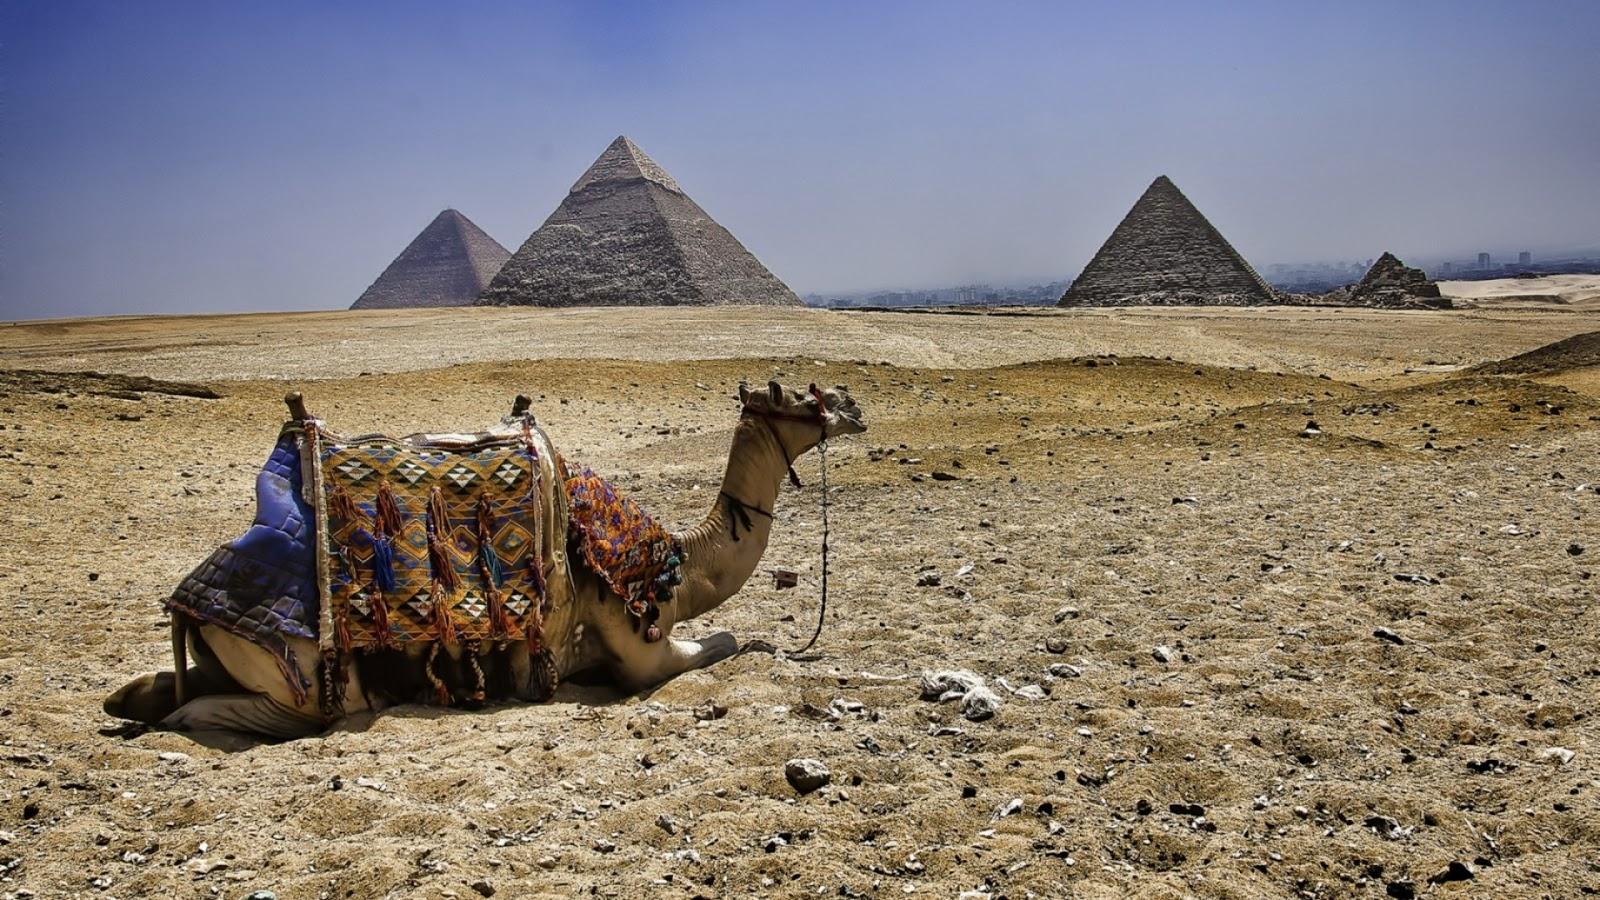 camel_pyramids_egypt_77063_1920x1080